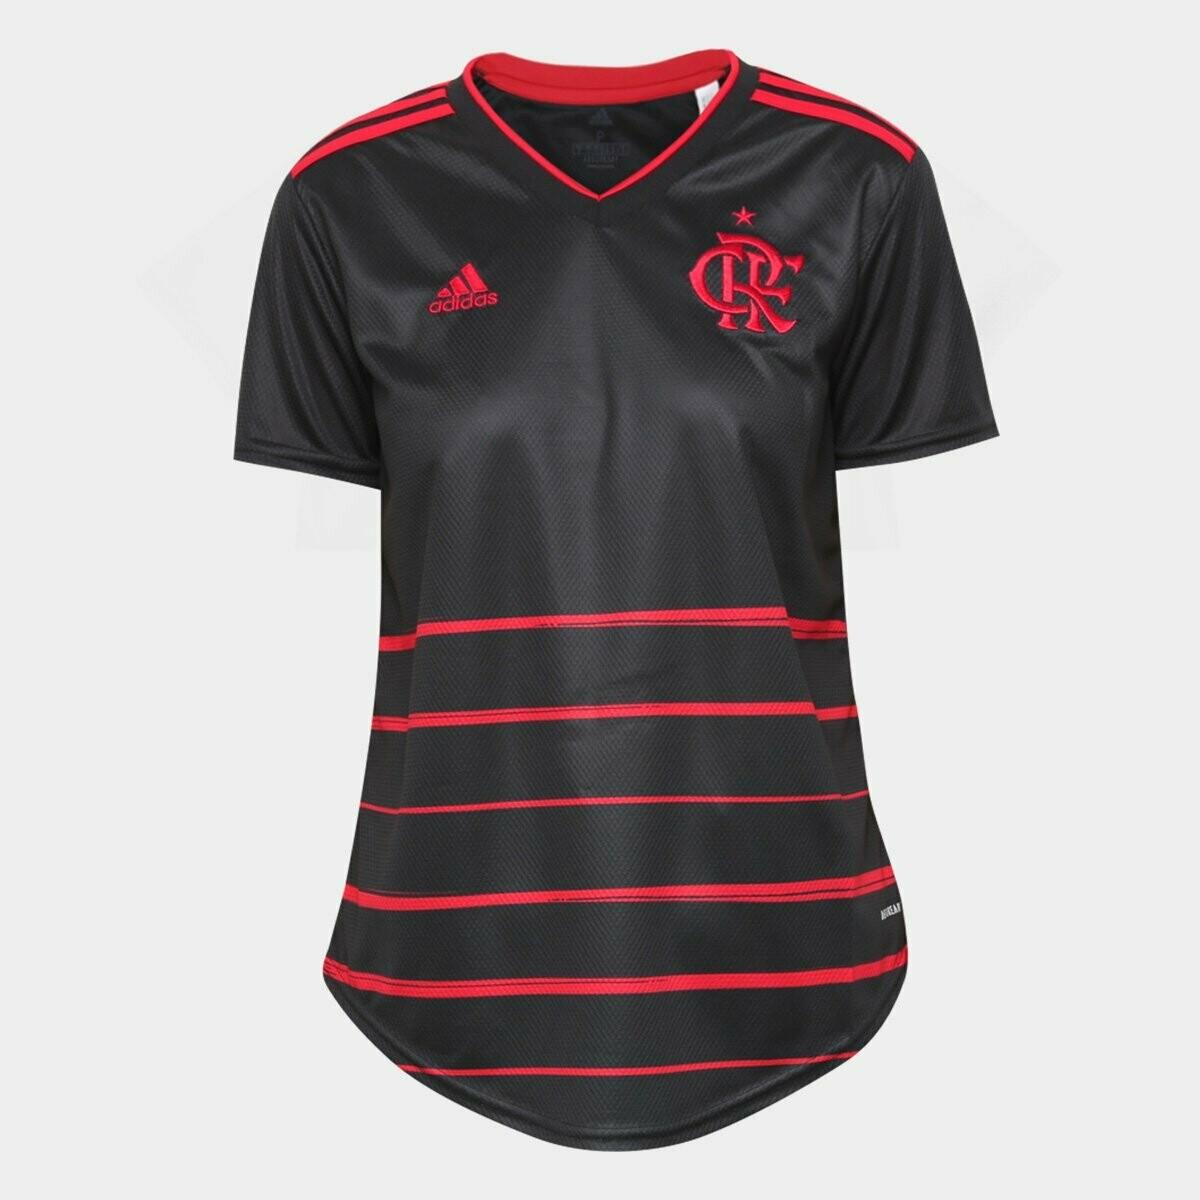 Camisa Flamengo III 20/21  Torcedor Adidas Feminina - Preto e Vermelho